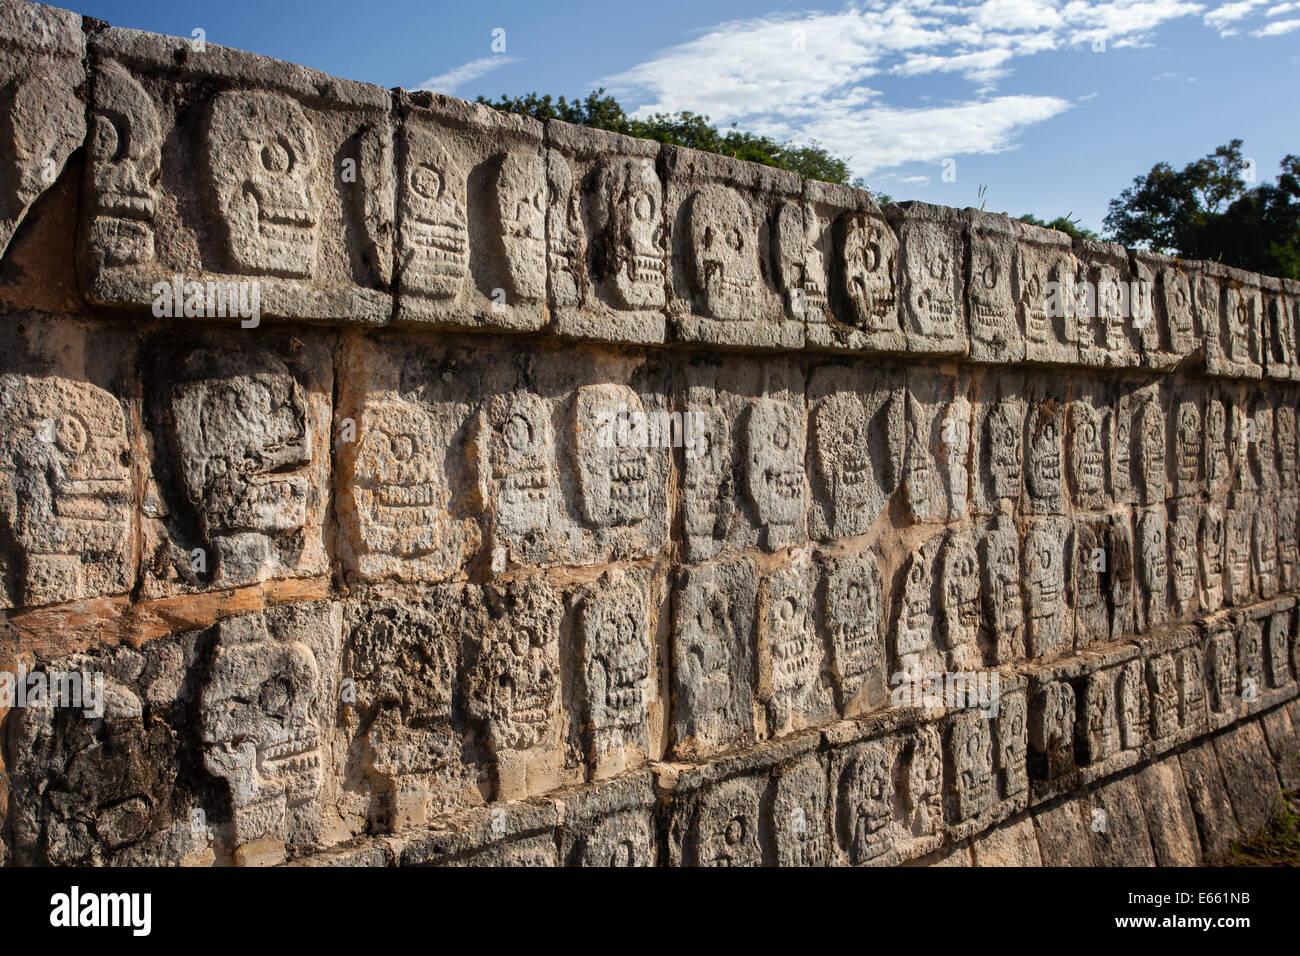 Die tzompantli, oder an der Wand der Schädel, in Chichen, itza, Yucatan, Mexiko. Stockbild